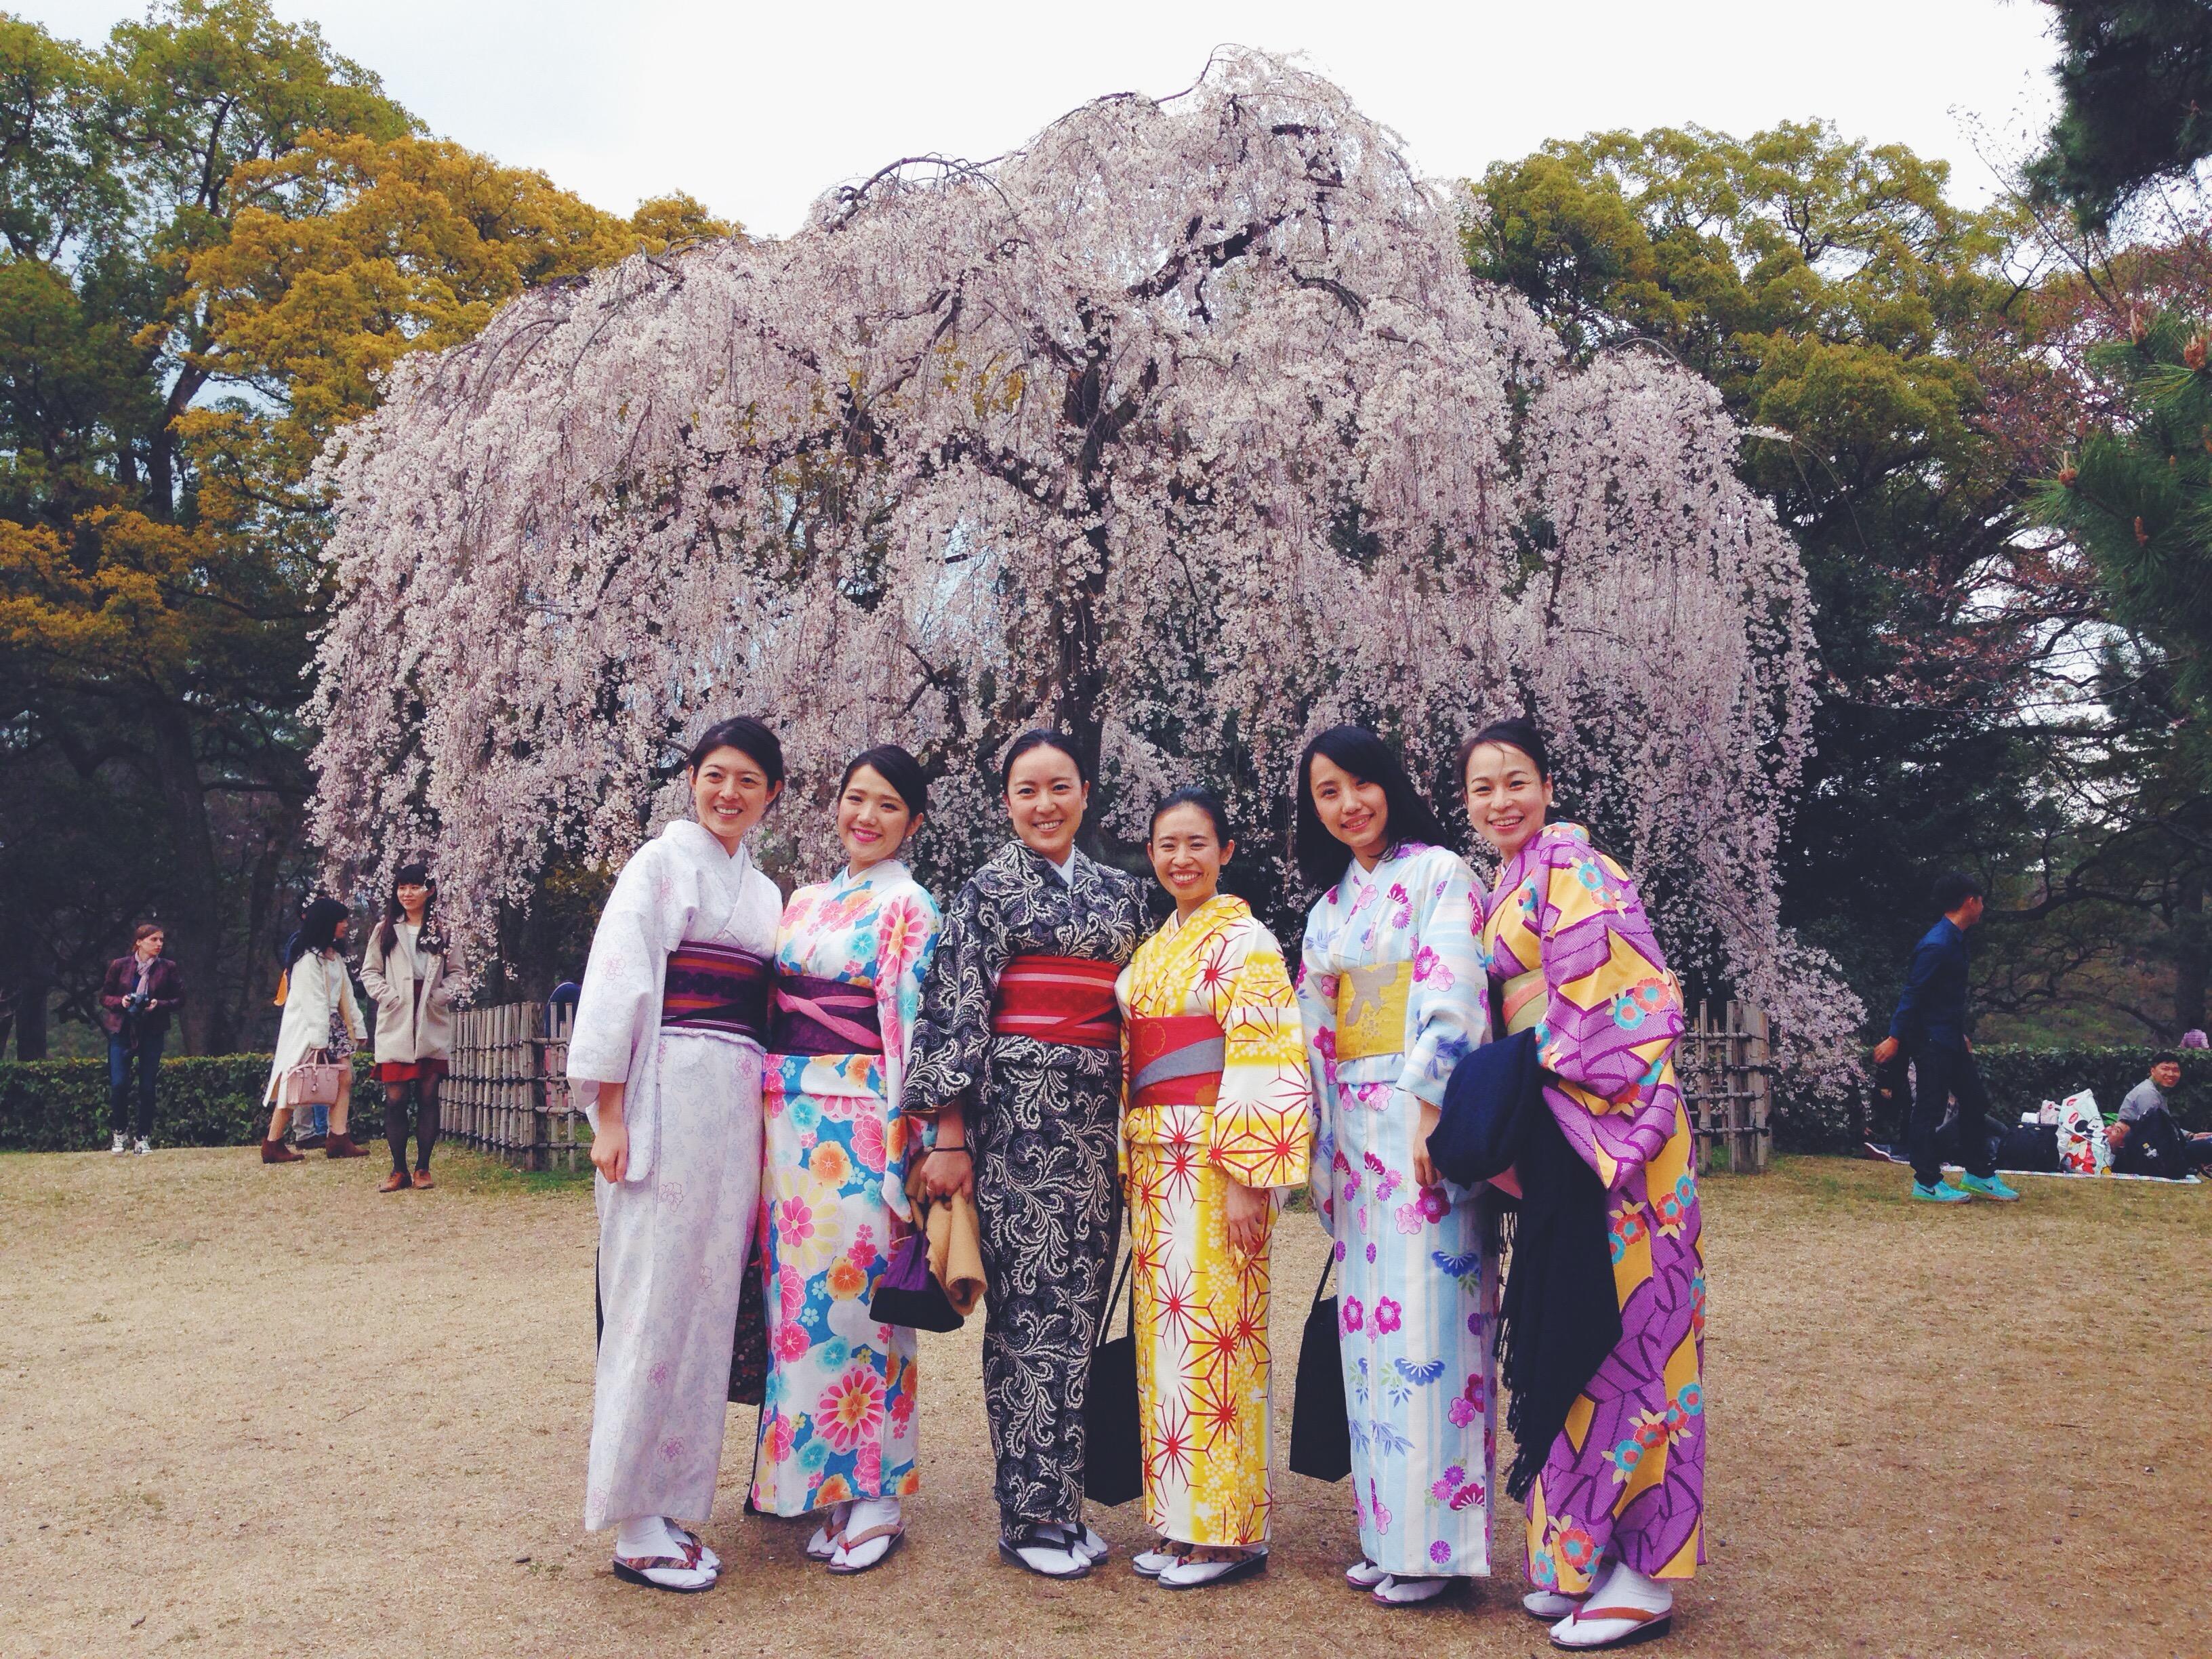 Ciliegi in fiore e ragazze in kimono in Giappone